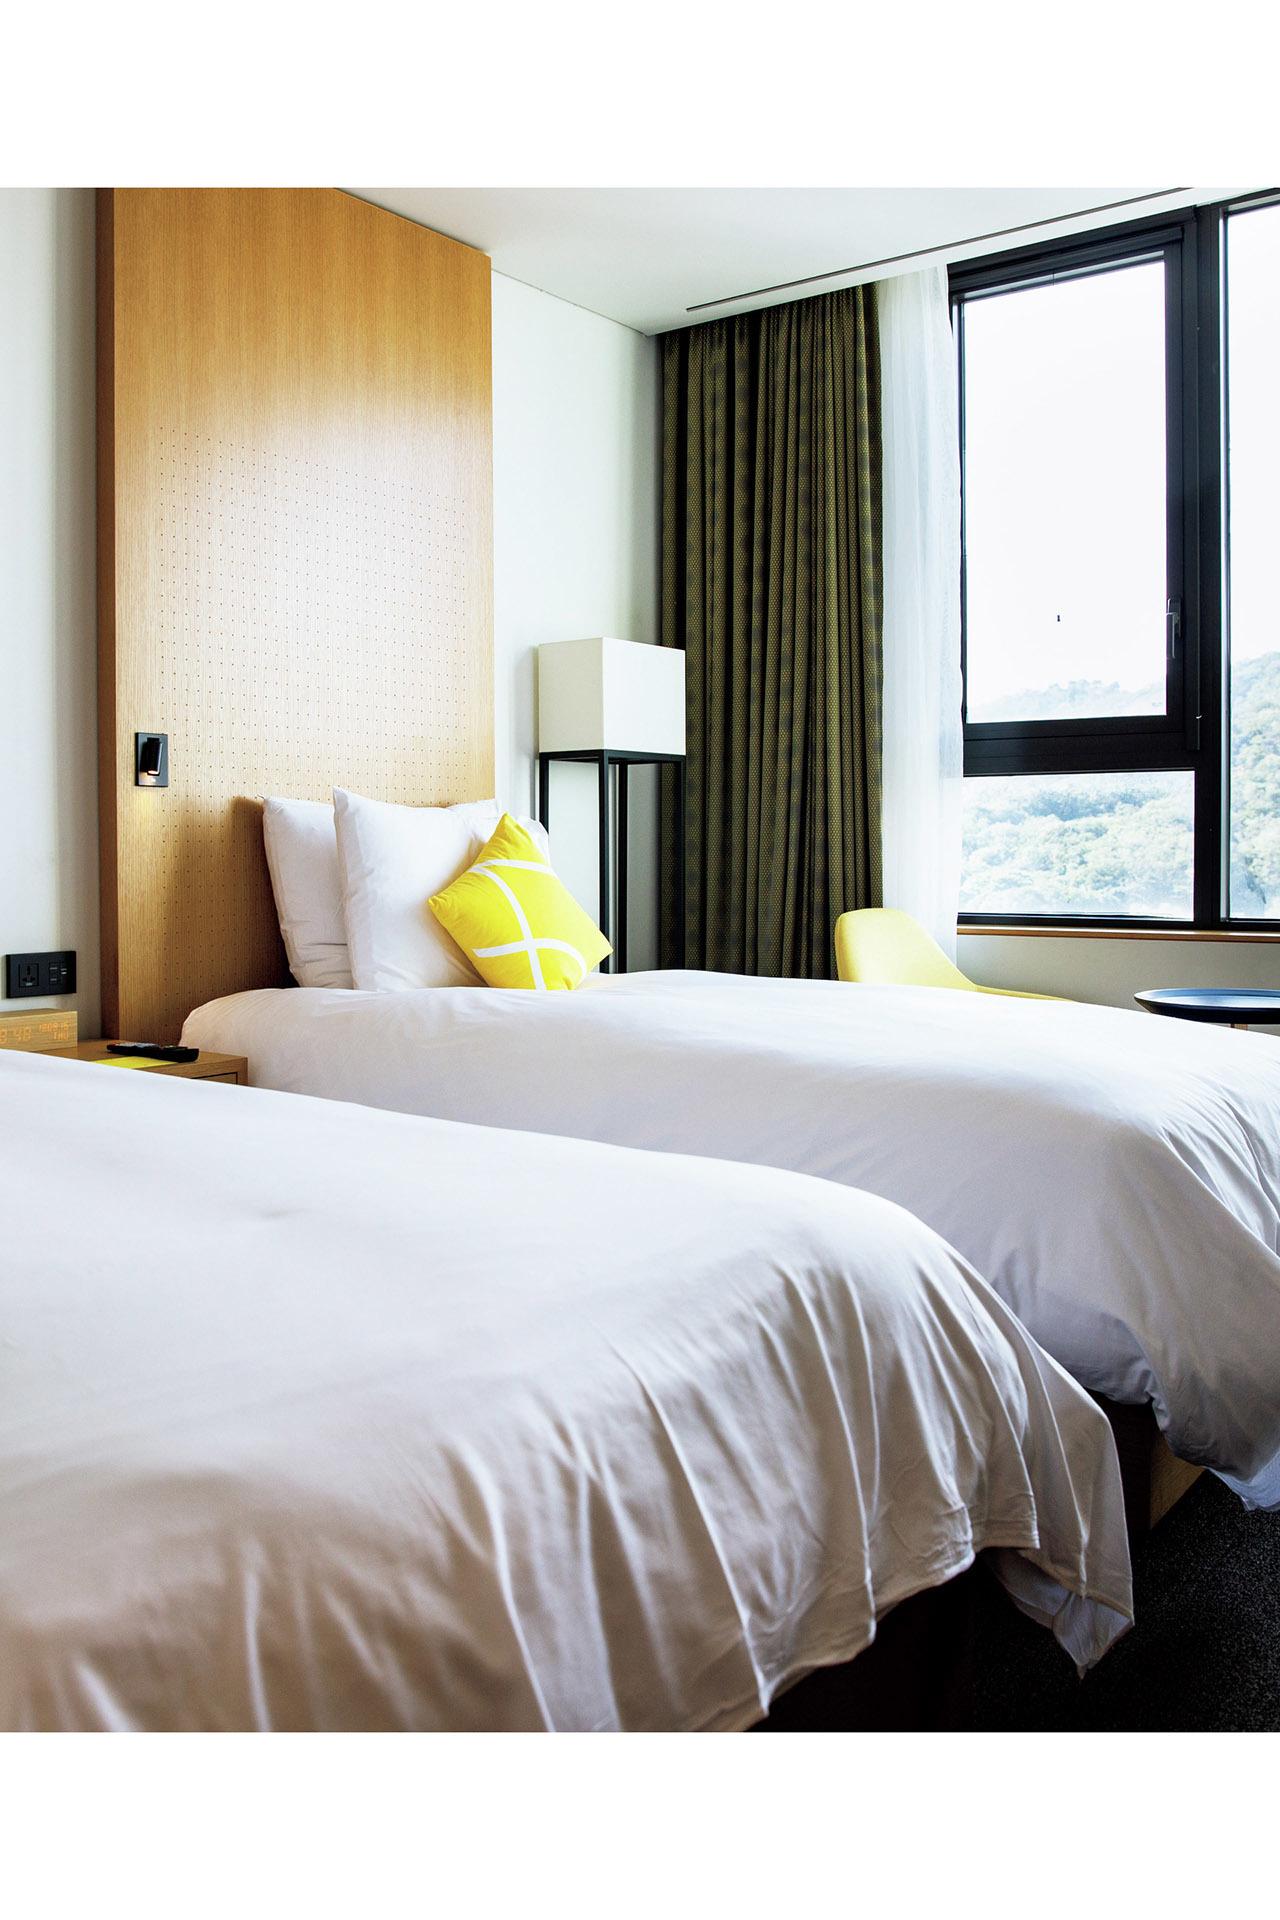 大人のためのソウル旅⑤注目すべきは「使える大人ホテル」 五選_1_1-2